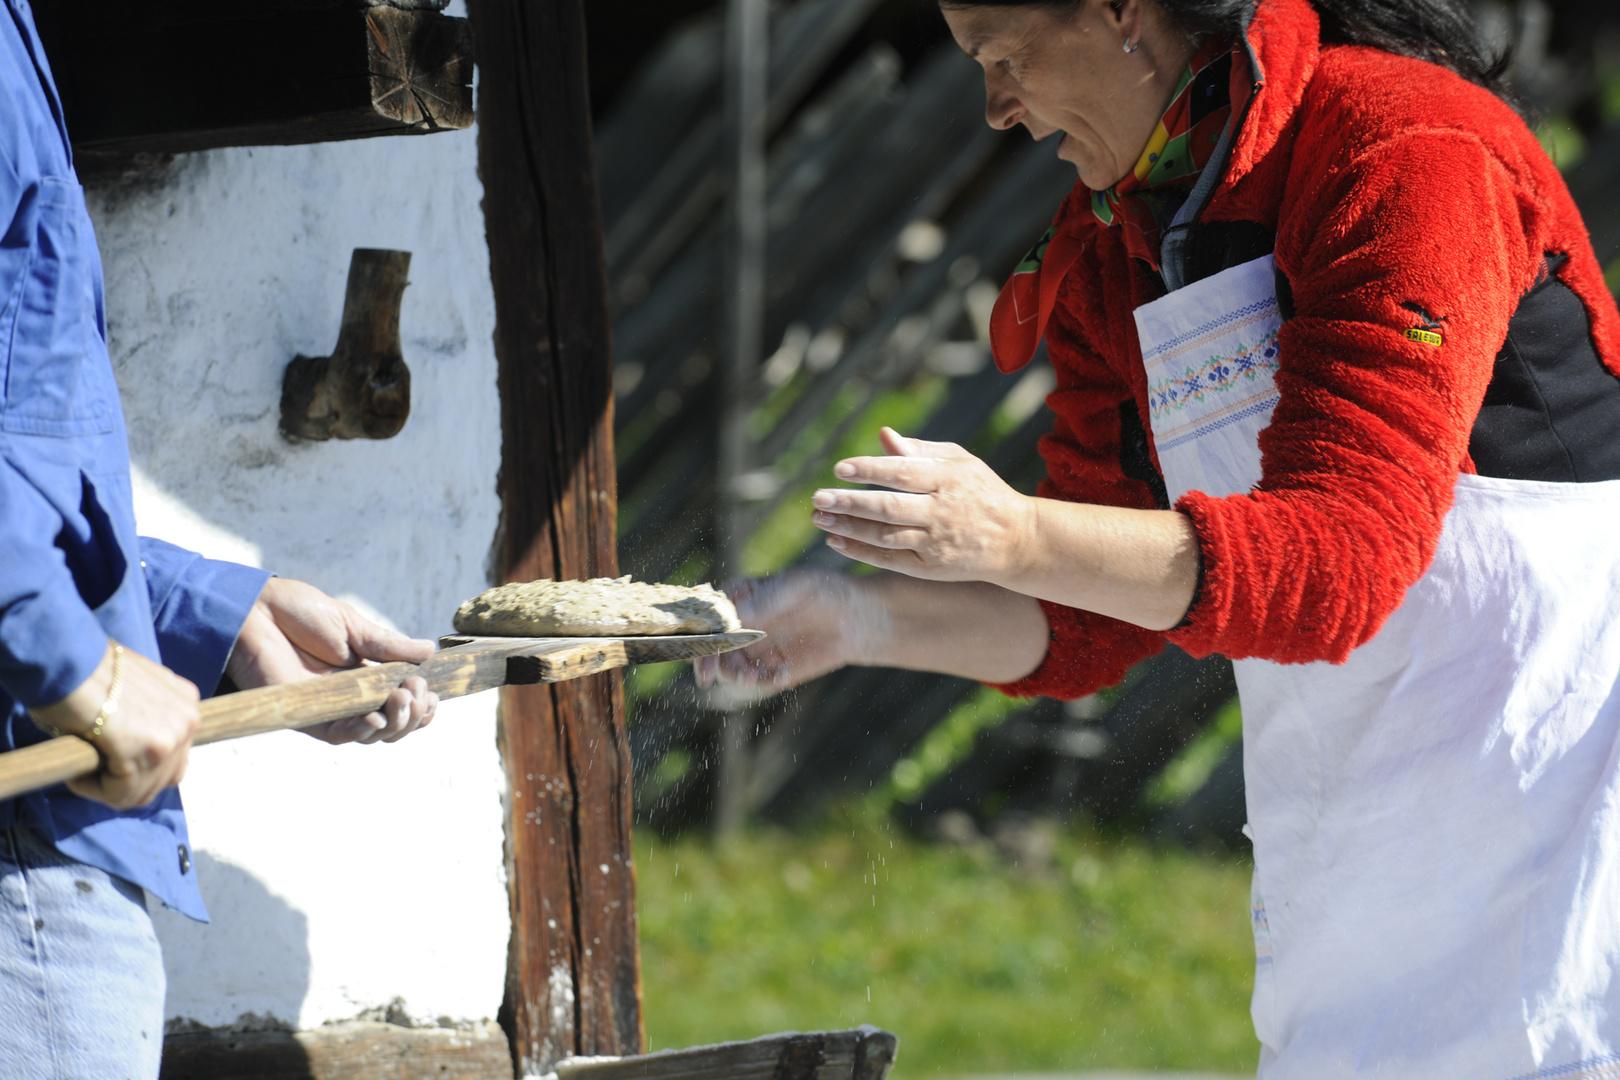 Wildes Südtirol 10 - Brotbacken auf dem Hof